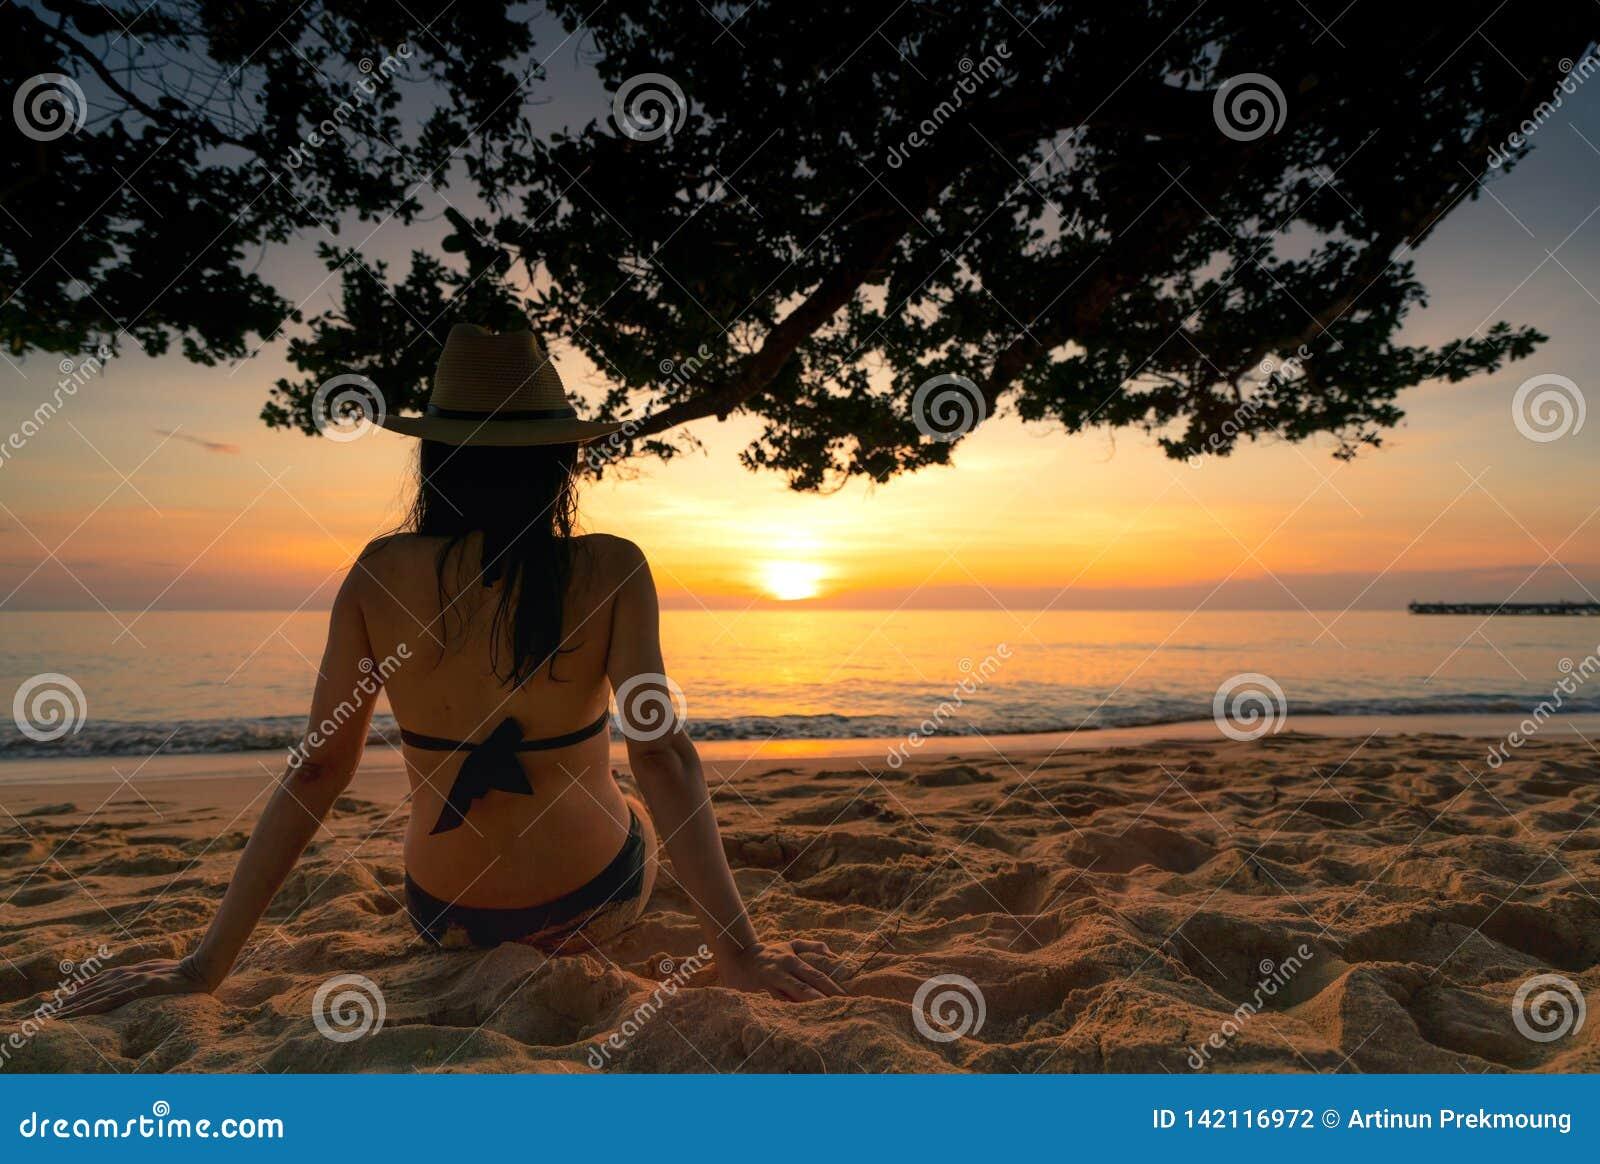 Tylny widok kobieta w ciąży siedzi na piasku i dopatrywanie zmierzchu przy tropikalną plażą Kobiety odzieży swimsuit i słomianego